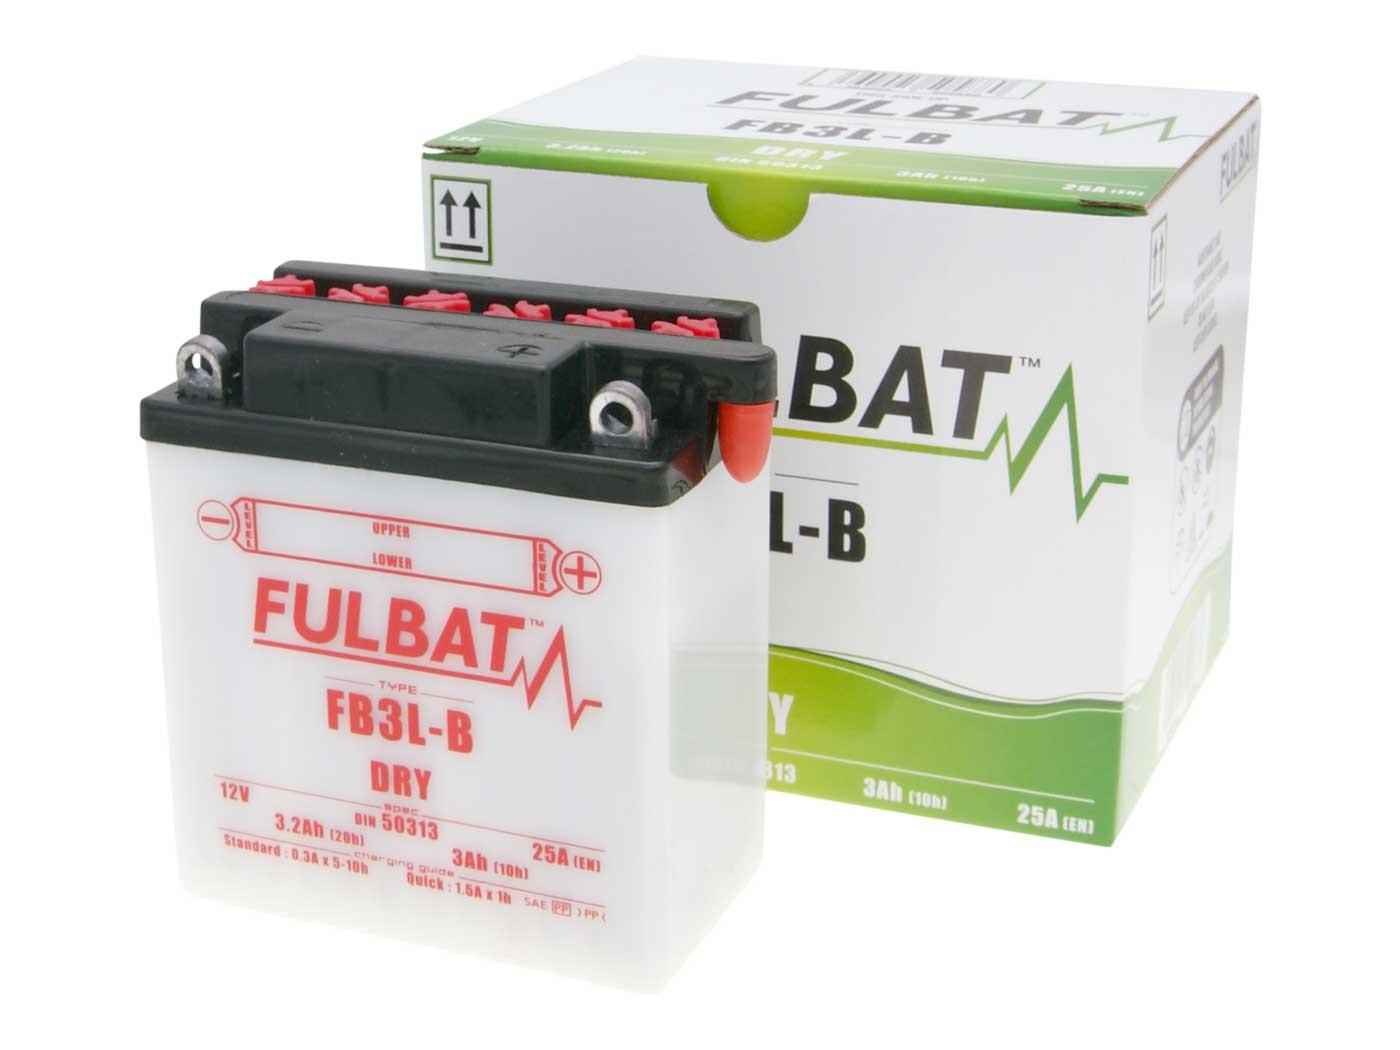 Fulbat FB3L-B DRY száraz akkumulátor + savcsomag